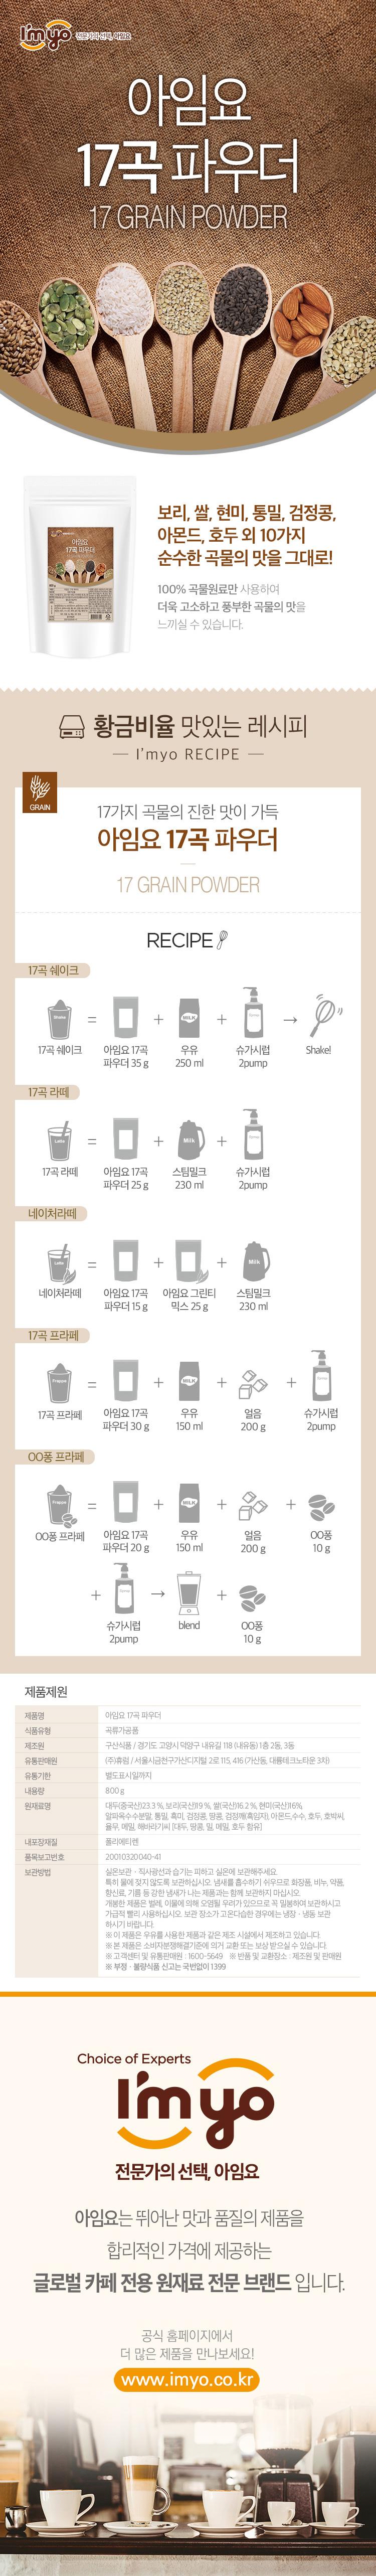 아임요 17가지 곡물 파우더 800g - 커피올데이, 12,500원, 음료/주스/생수, 주스/과즙